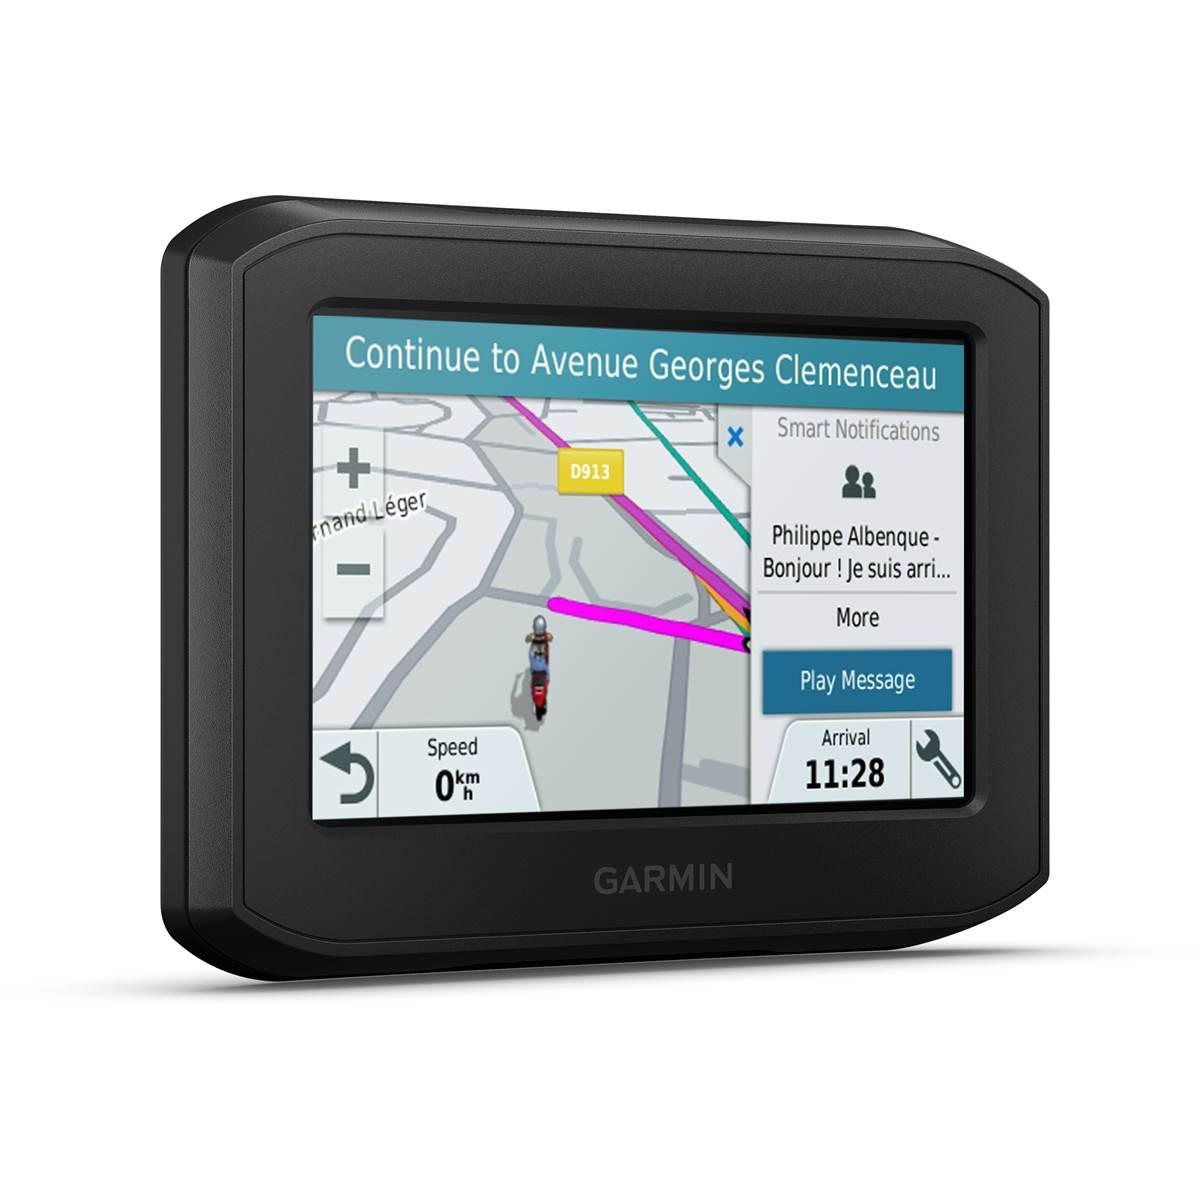 Garmin zumo 322   GPS Moto   322.32 pouces   Cartes Europe de l'Ouest 2322 pays    Cartes, Trafic, Zones de Danger à Vie   Appels Mains Libres   Contrôle de  ...